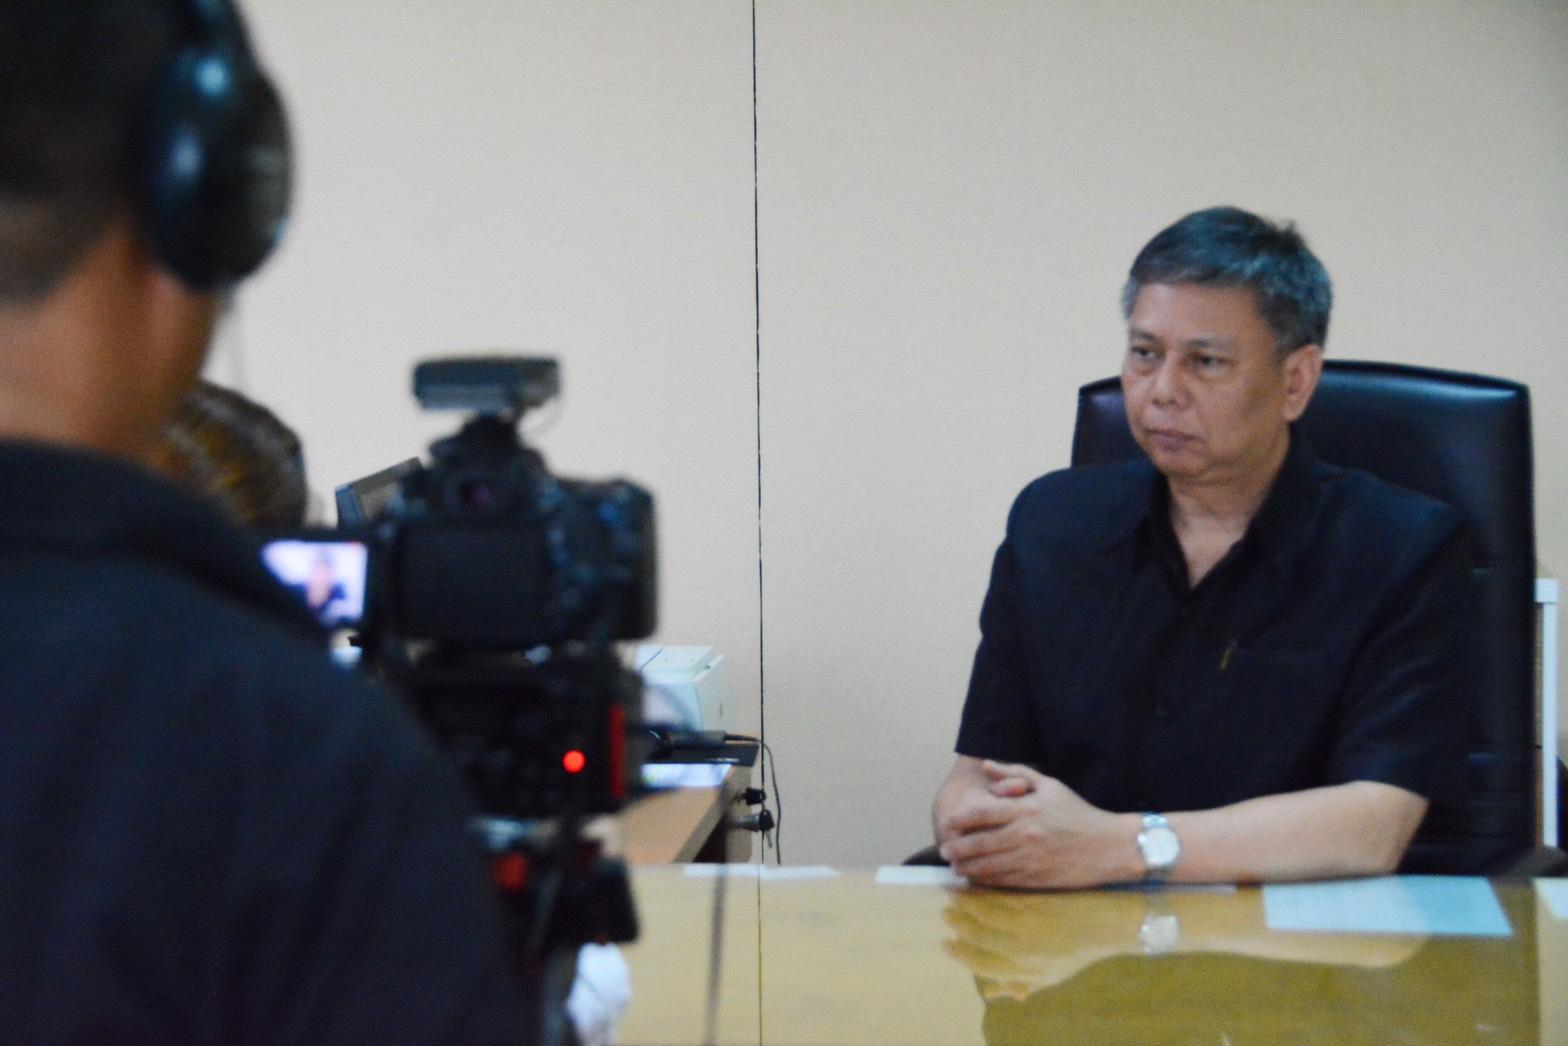 """นายวรานนท์ ปีติวรรณ อธิบดีกรมการจัดหางาน  ให้สัมภาษณ์ผู้สื่อข่าวประเด็น """"การจัดระเบียบแรงงานต่างด้าวในประเทศไทย"""" เพื่อออกอากาศในรายการ """"ASEAN Connect"""" ทางสถานีโทรทัศน์ NBT WORLD"""